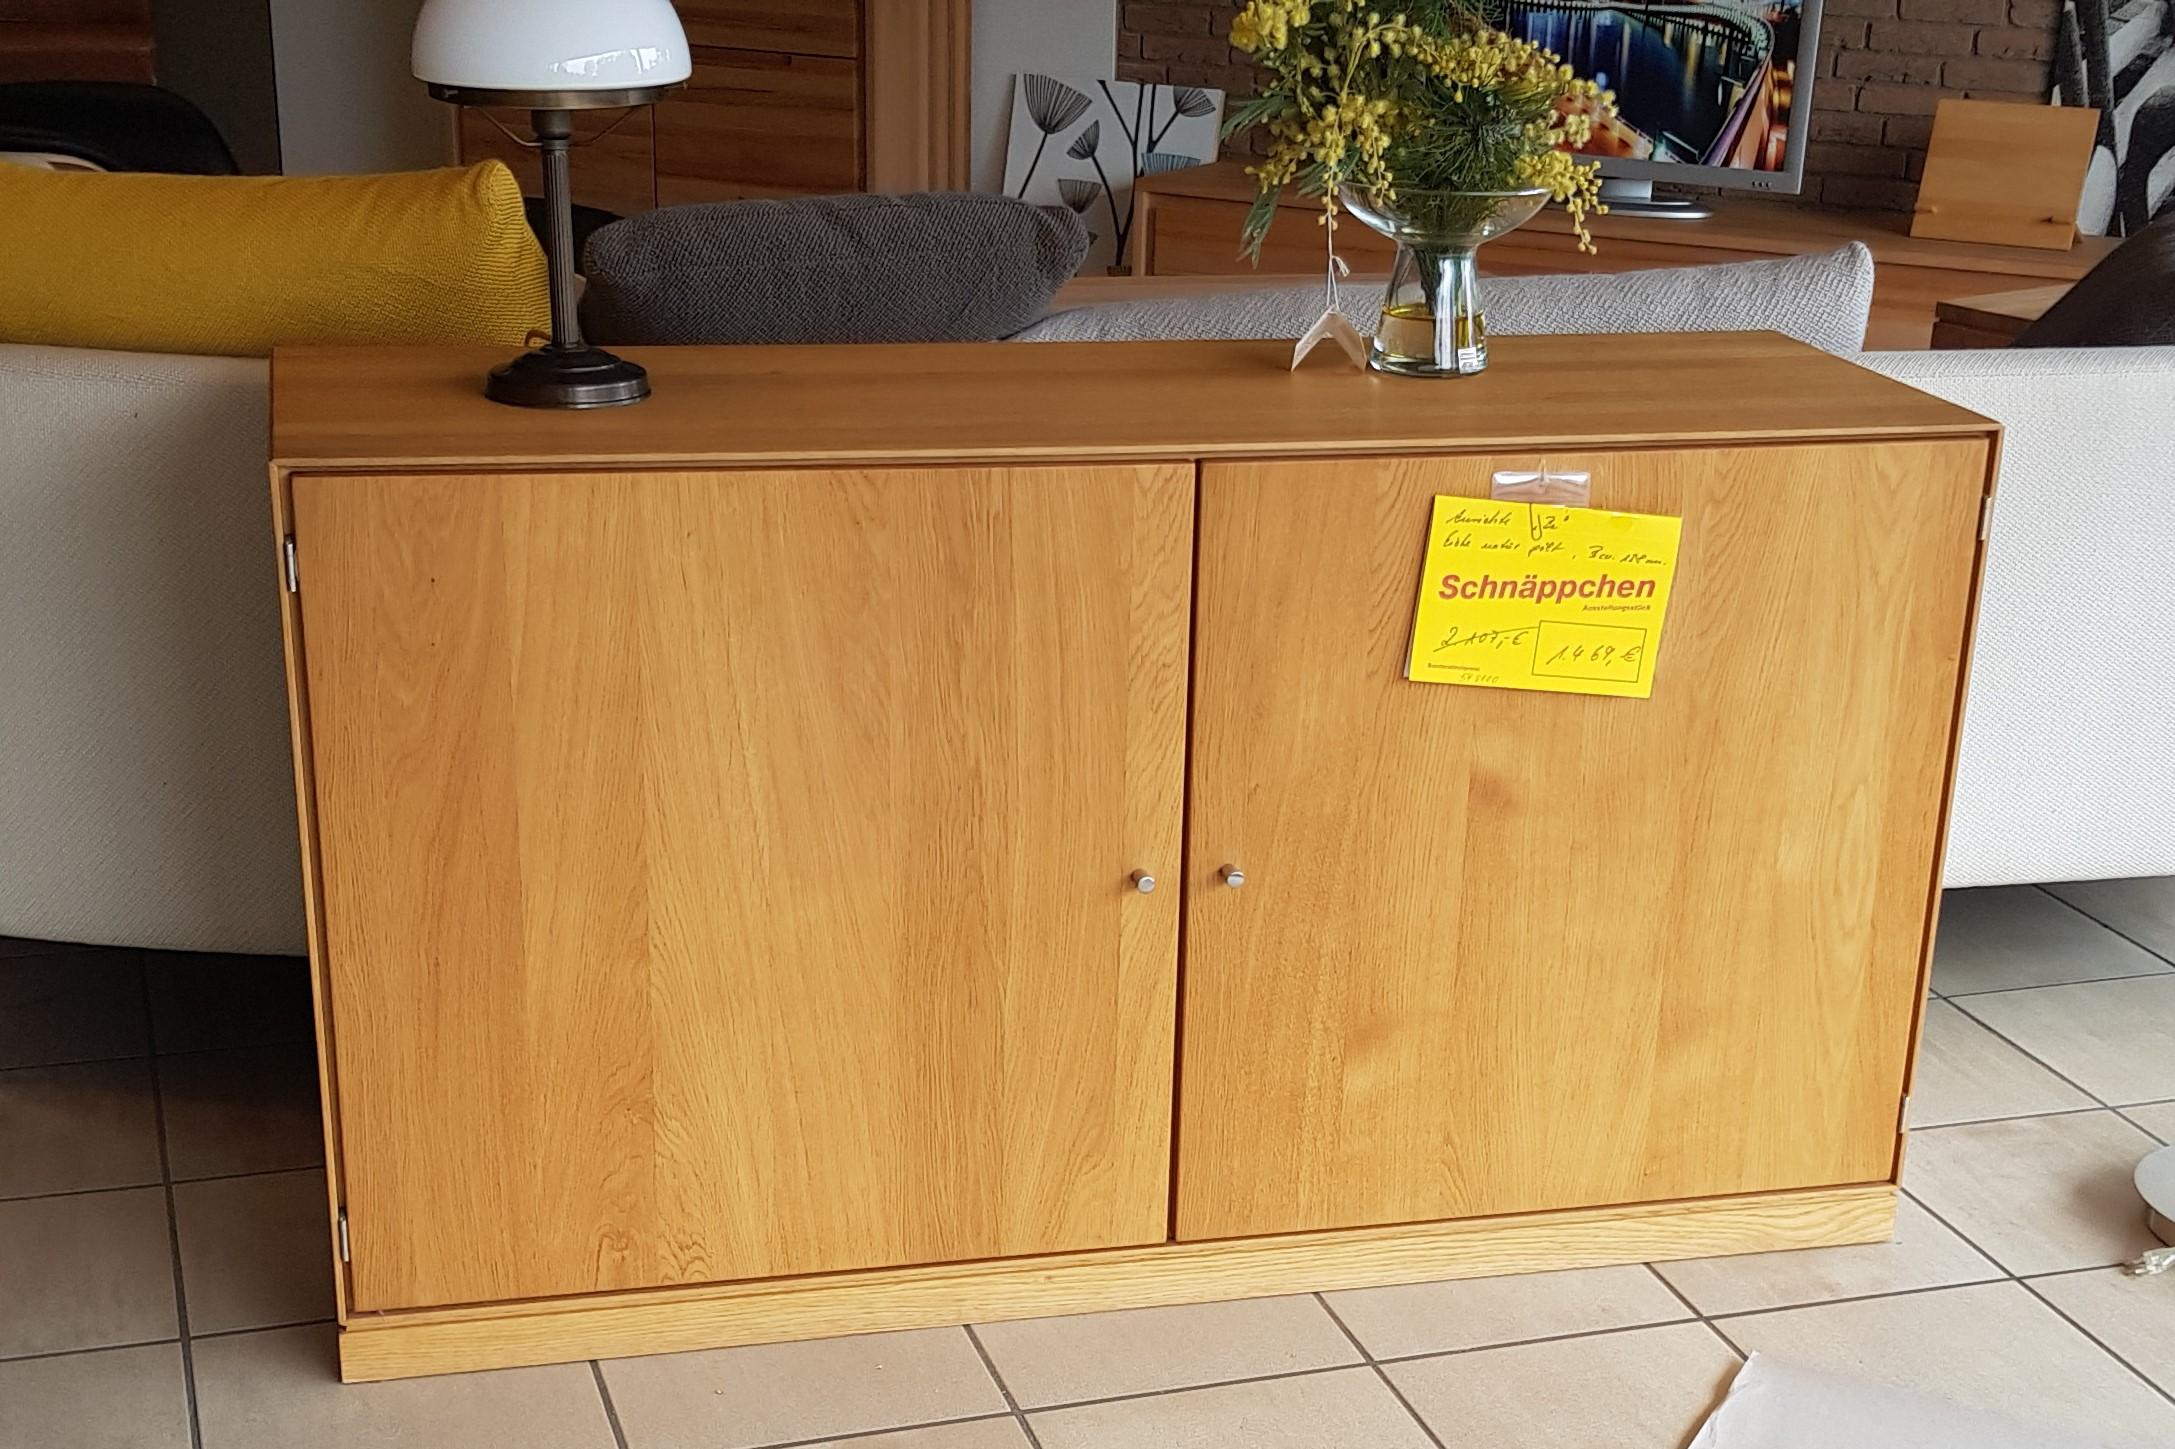 sideboard team 7 martin wagner massivholzm bel gmbh. Black Bedroom Furniture Sets. Home Design Ideas